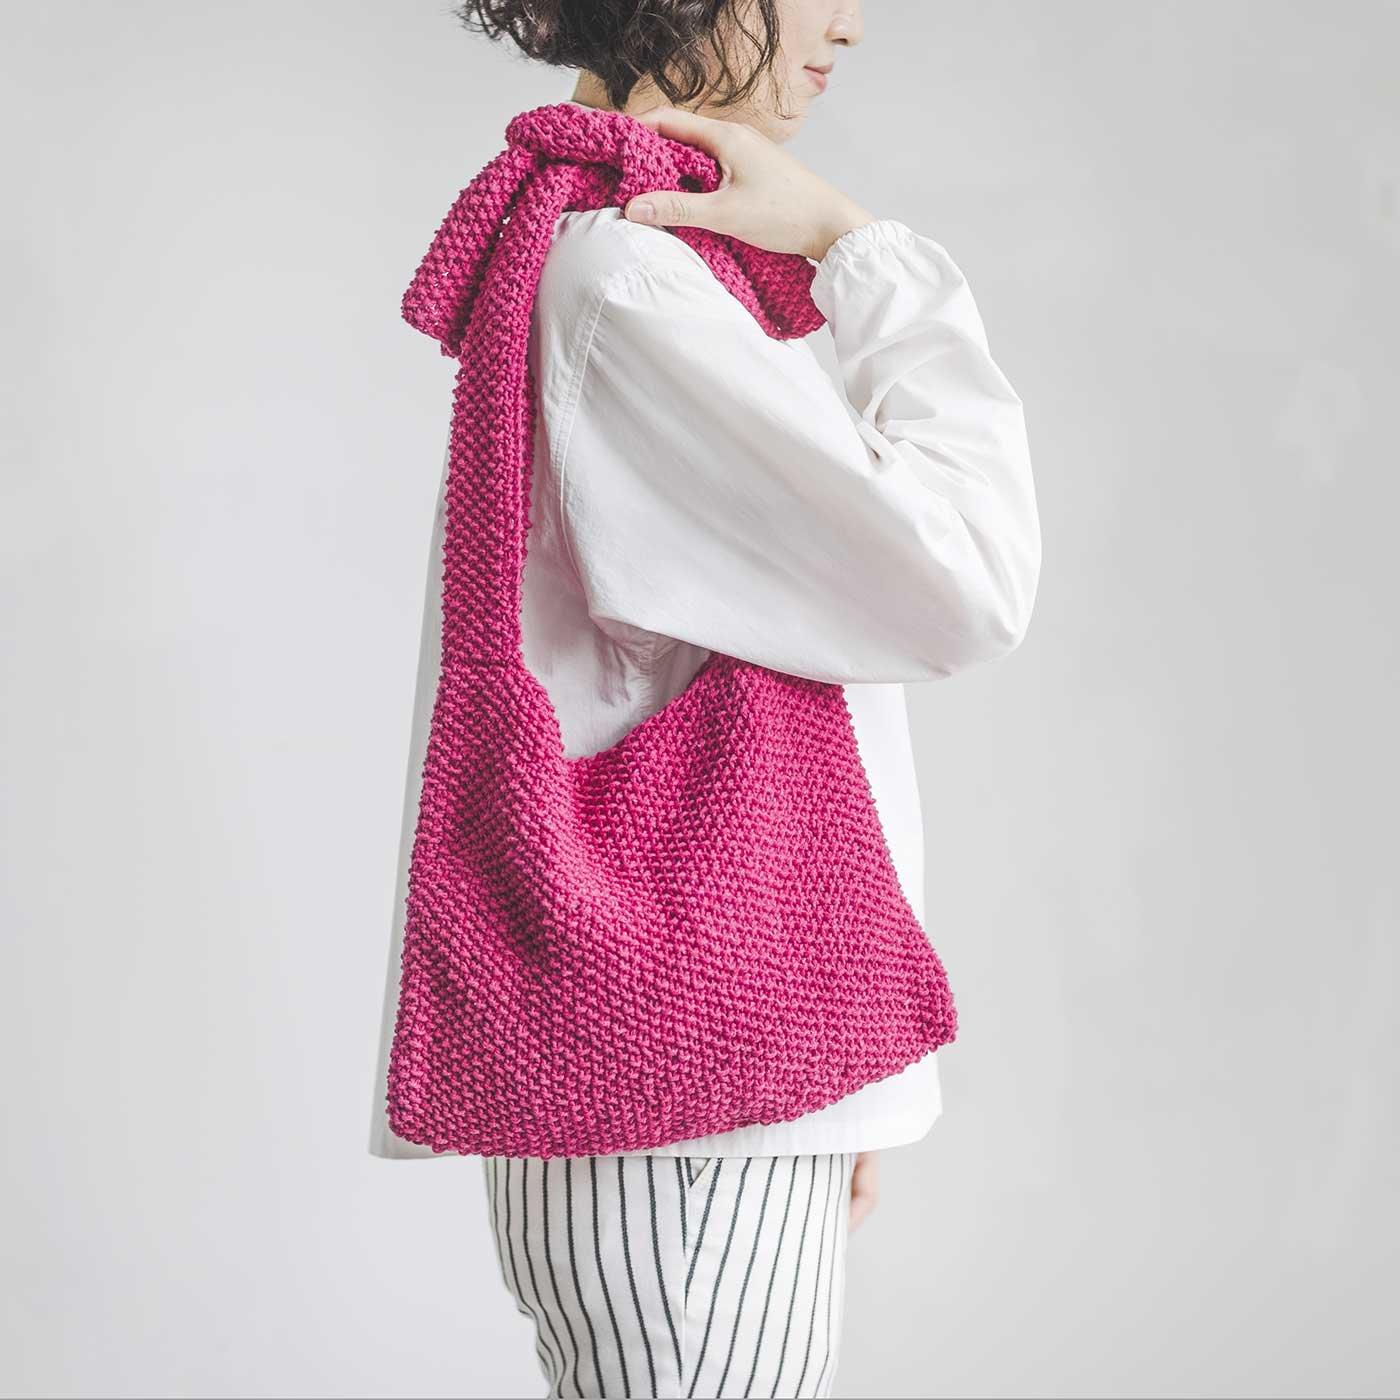 DMC エコバルバンテで編む かのこ編み肩かけバッグキット